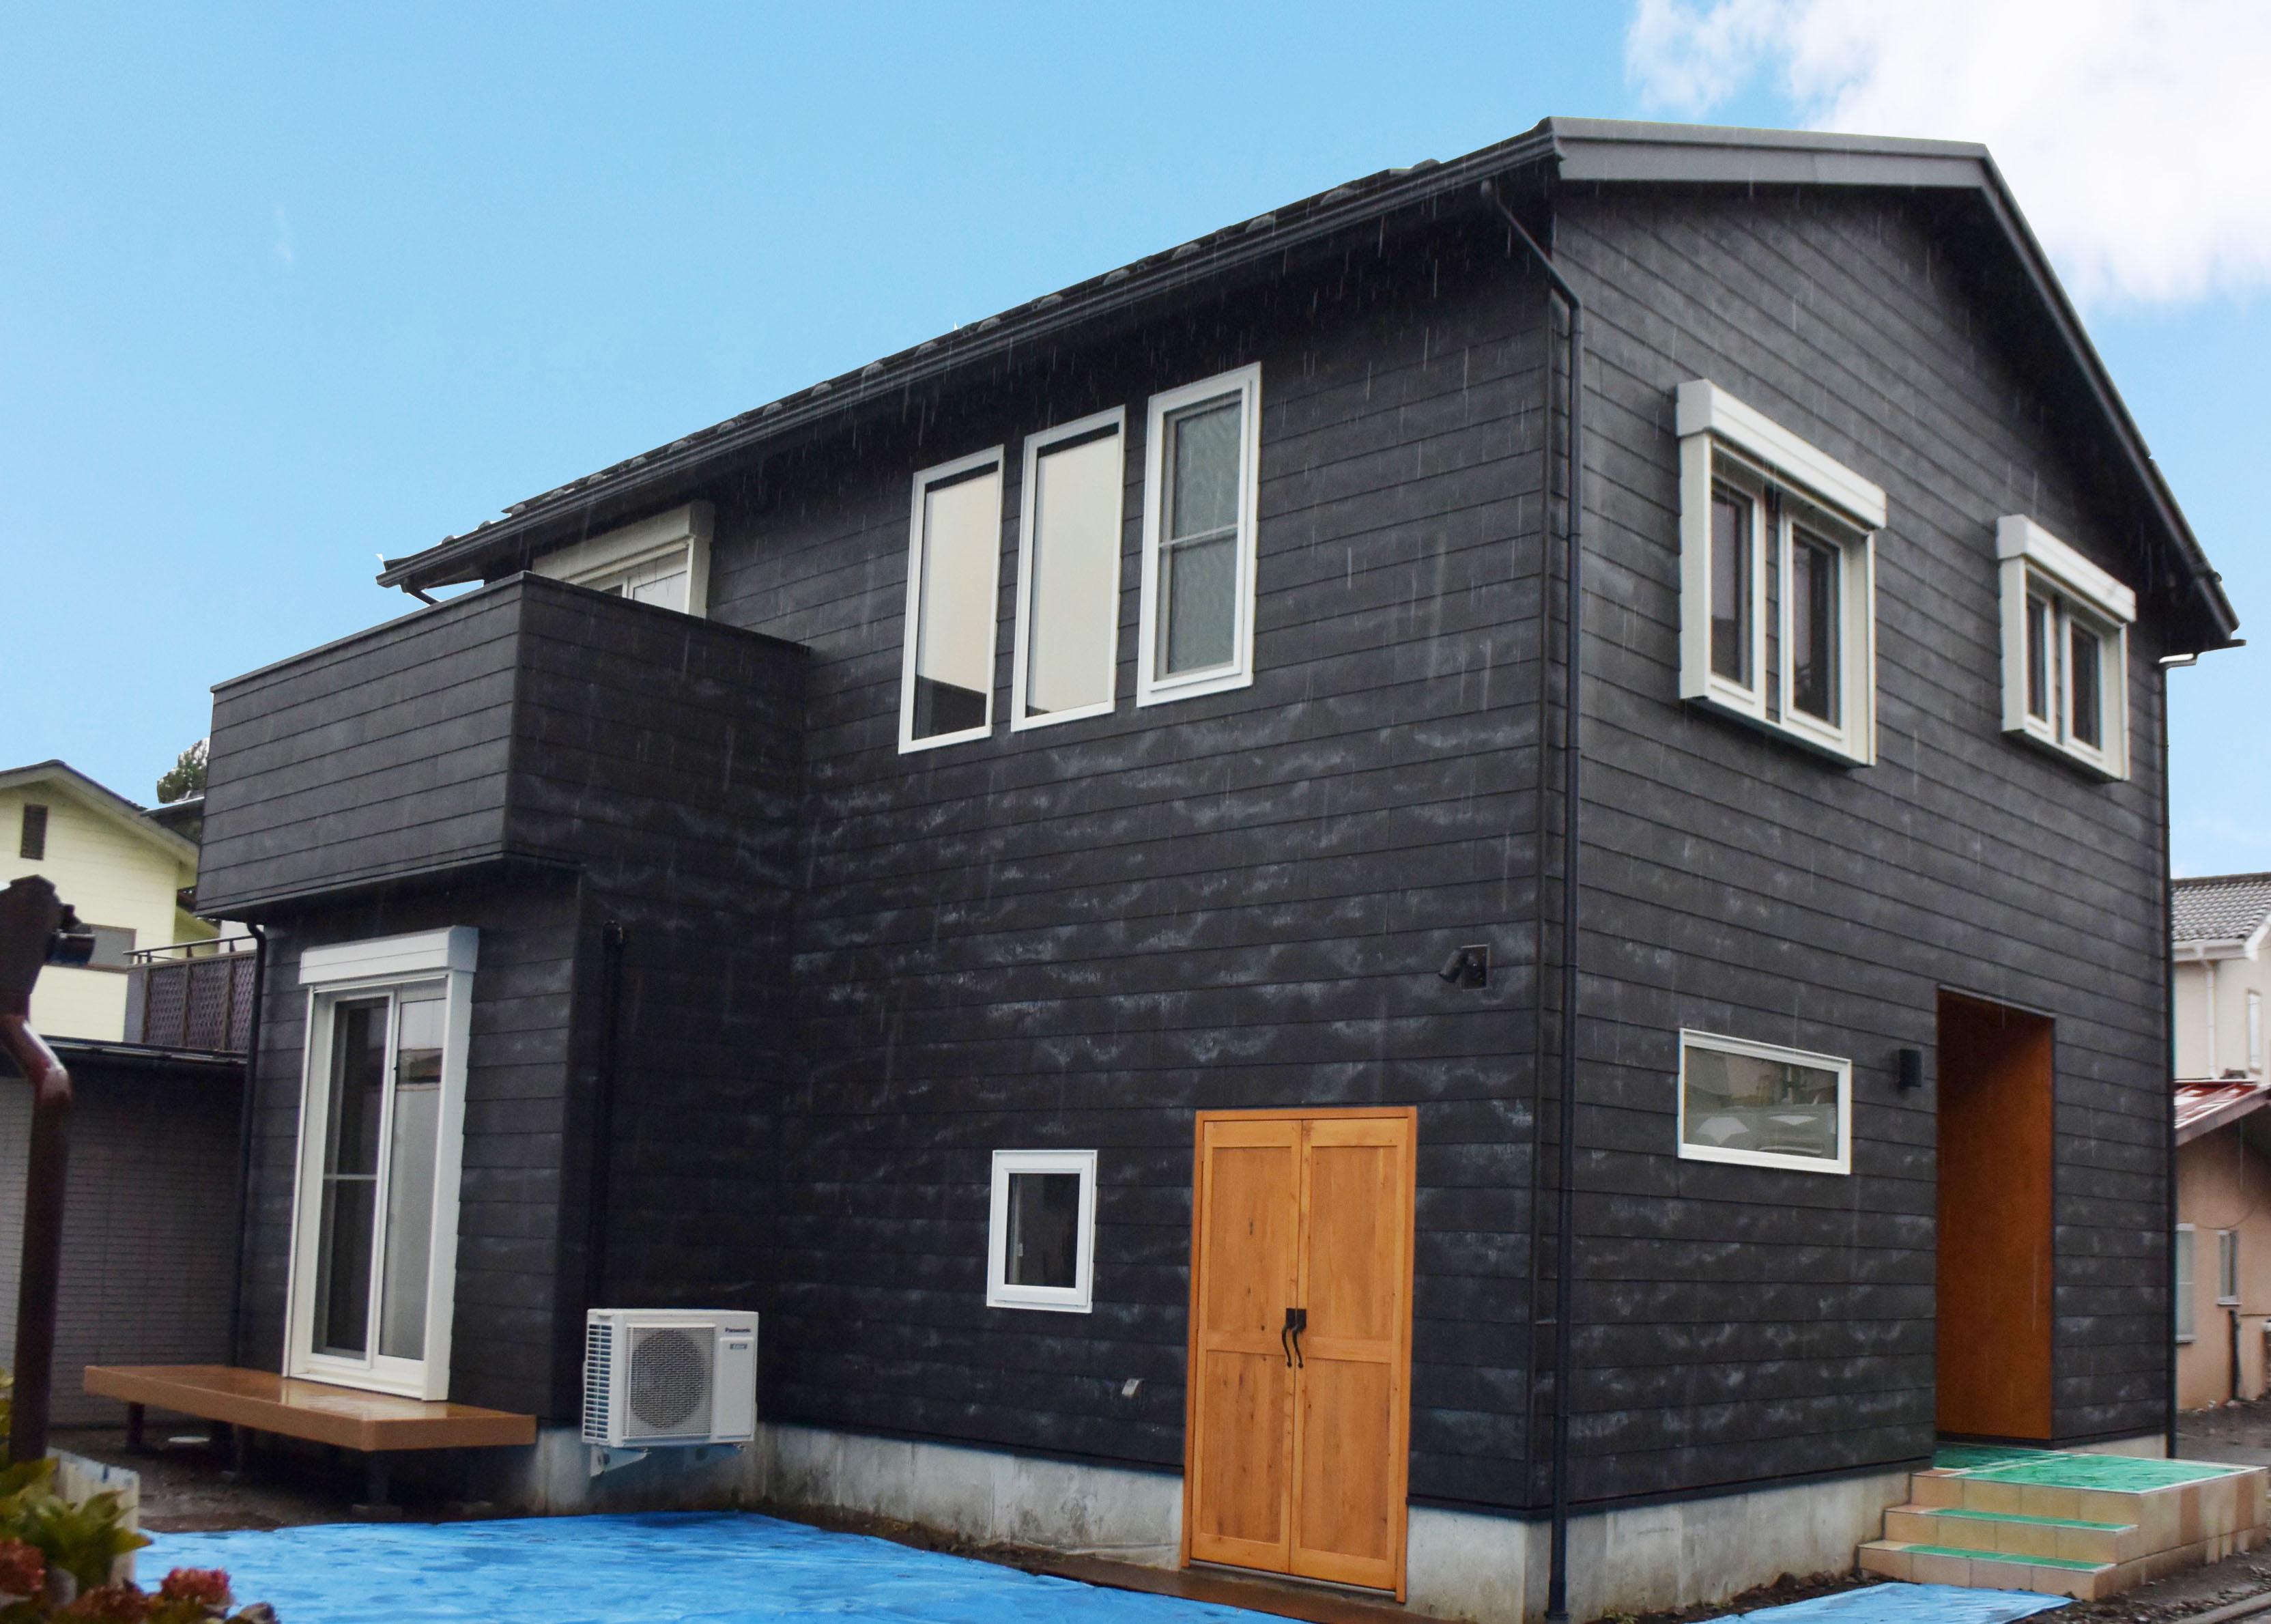 外壁は新商品の黒セメント板下見張り。独特の質感で、あえて塗装せず経年変化を楽しむ。